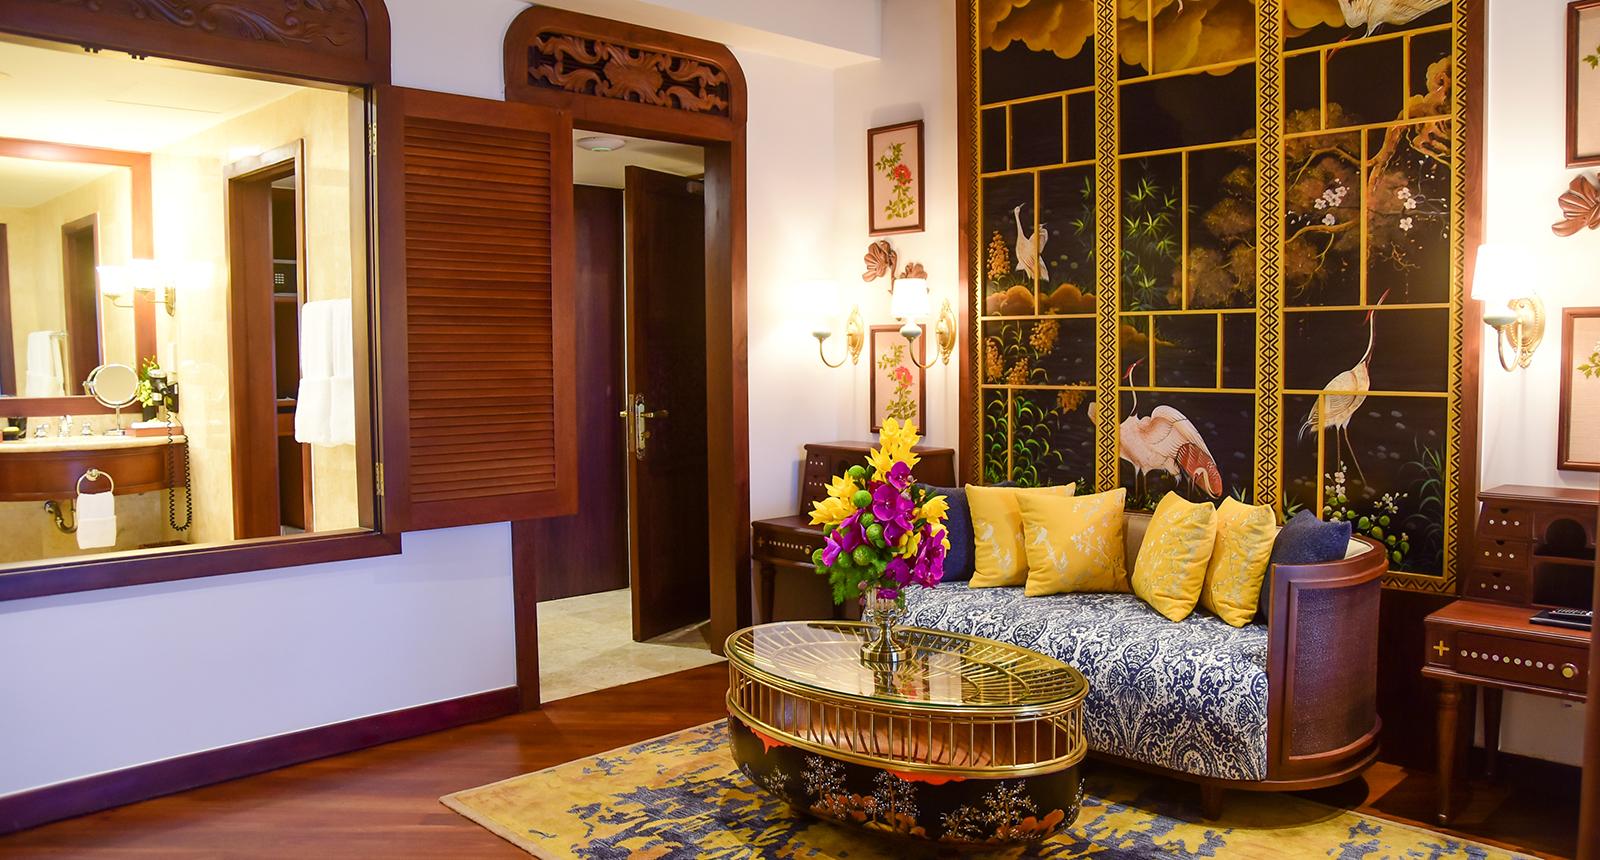 Gorgeous decor at Furama Resort